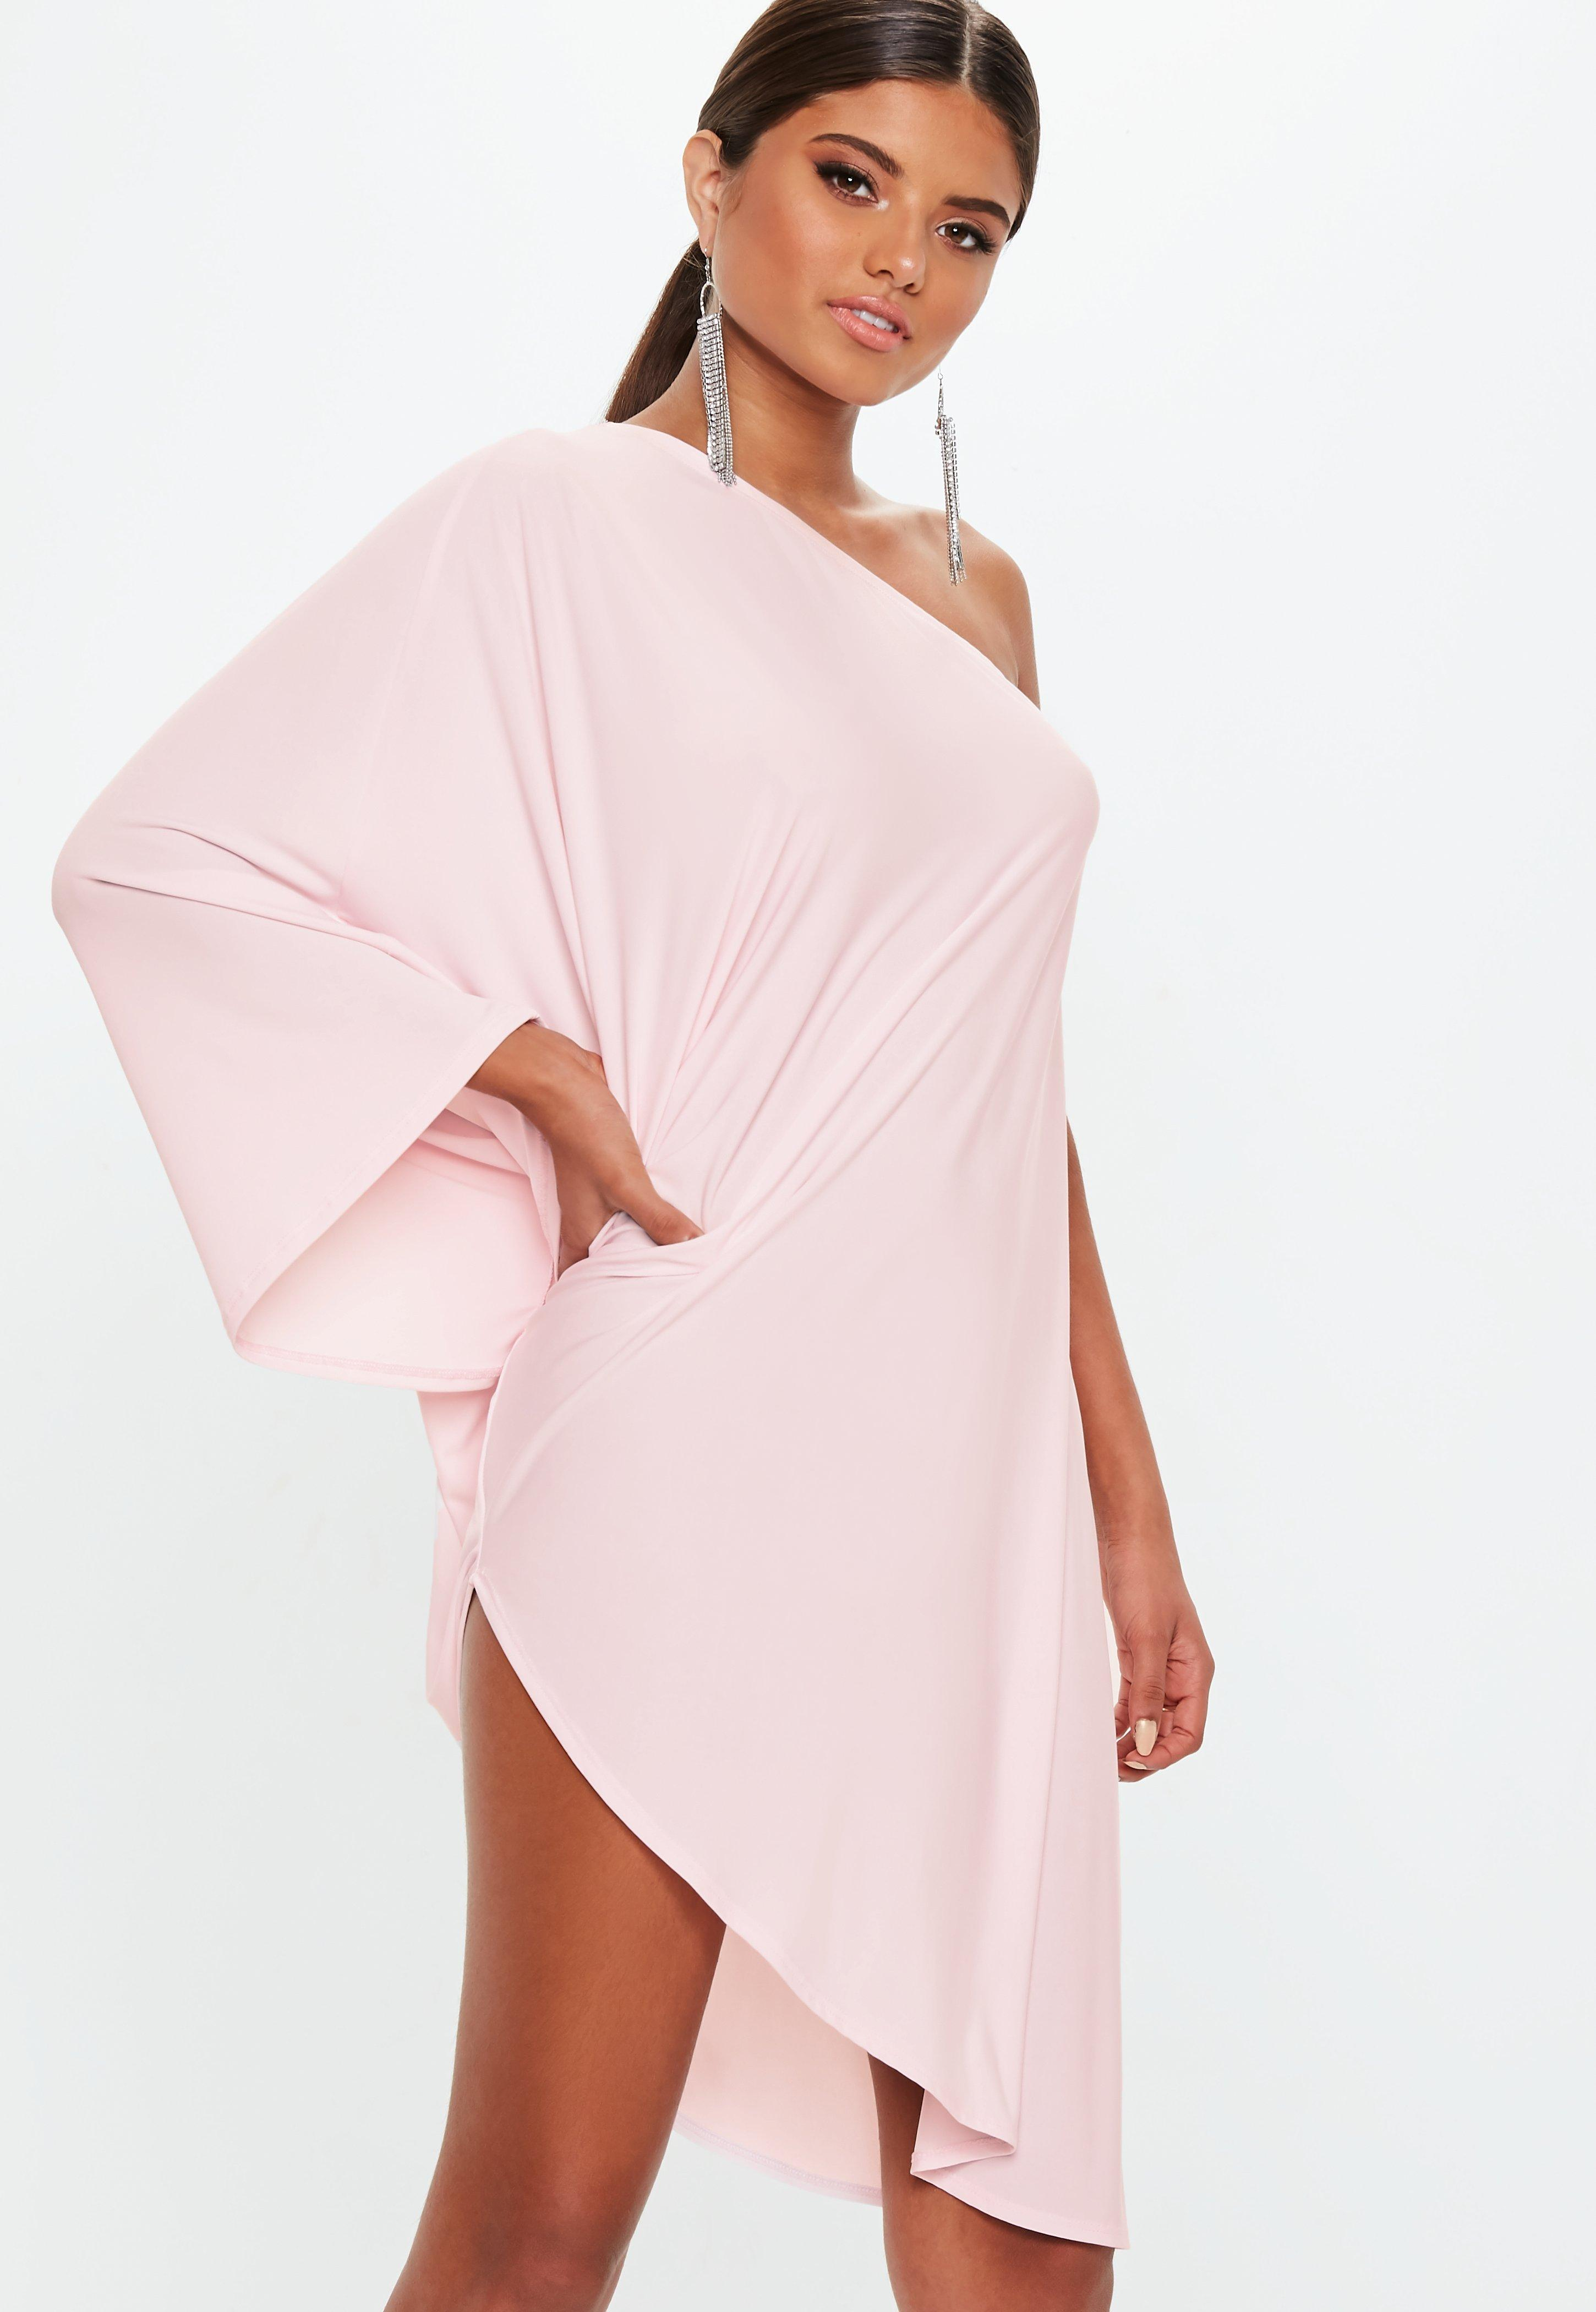 Kleider für Damen 2018 online shoppen - Missguided DE